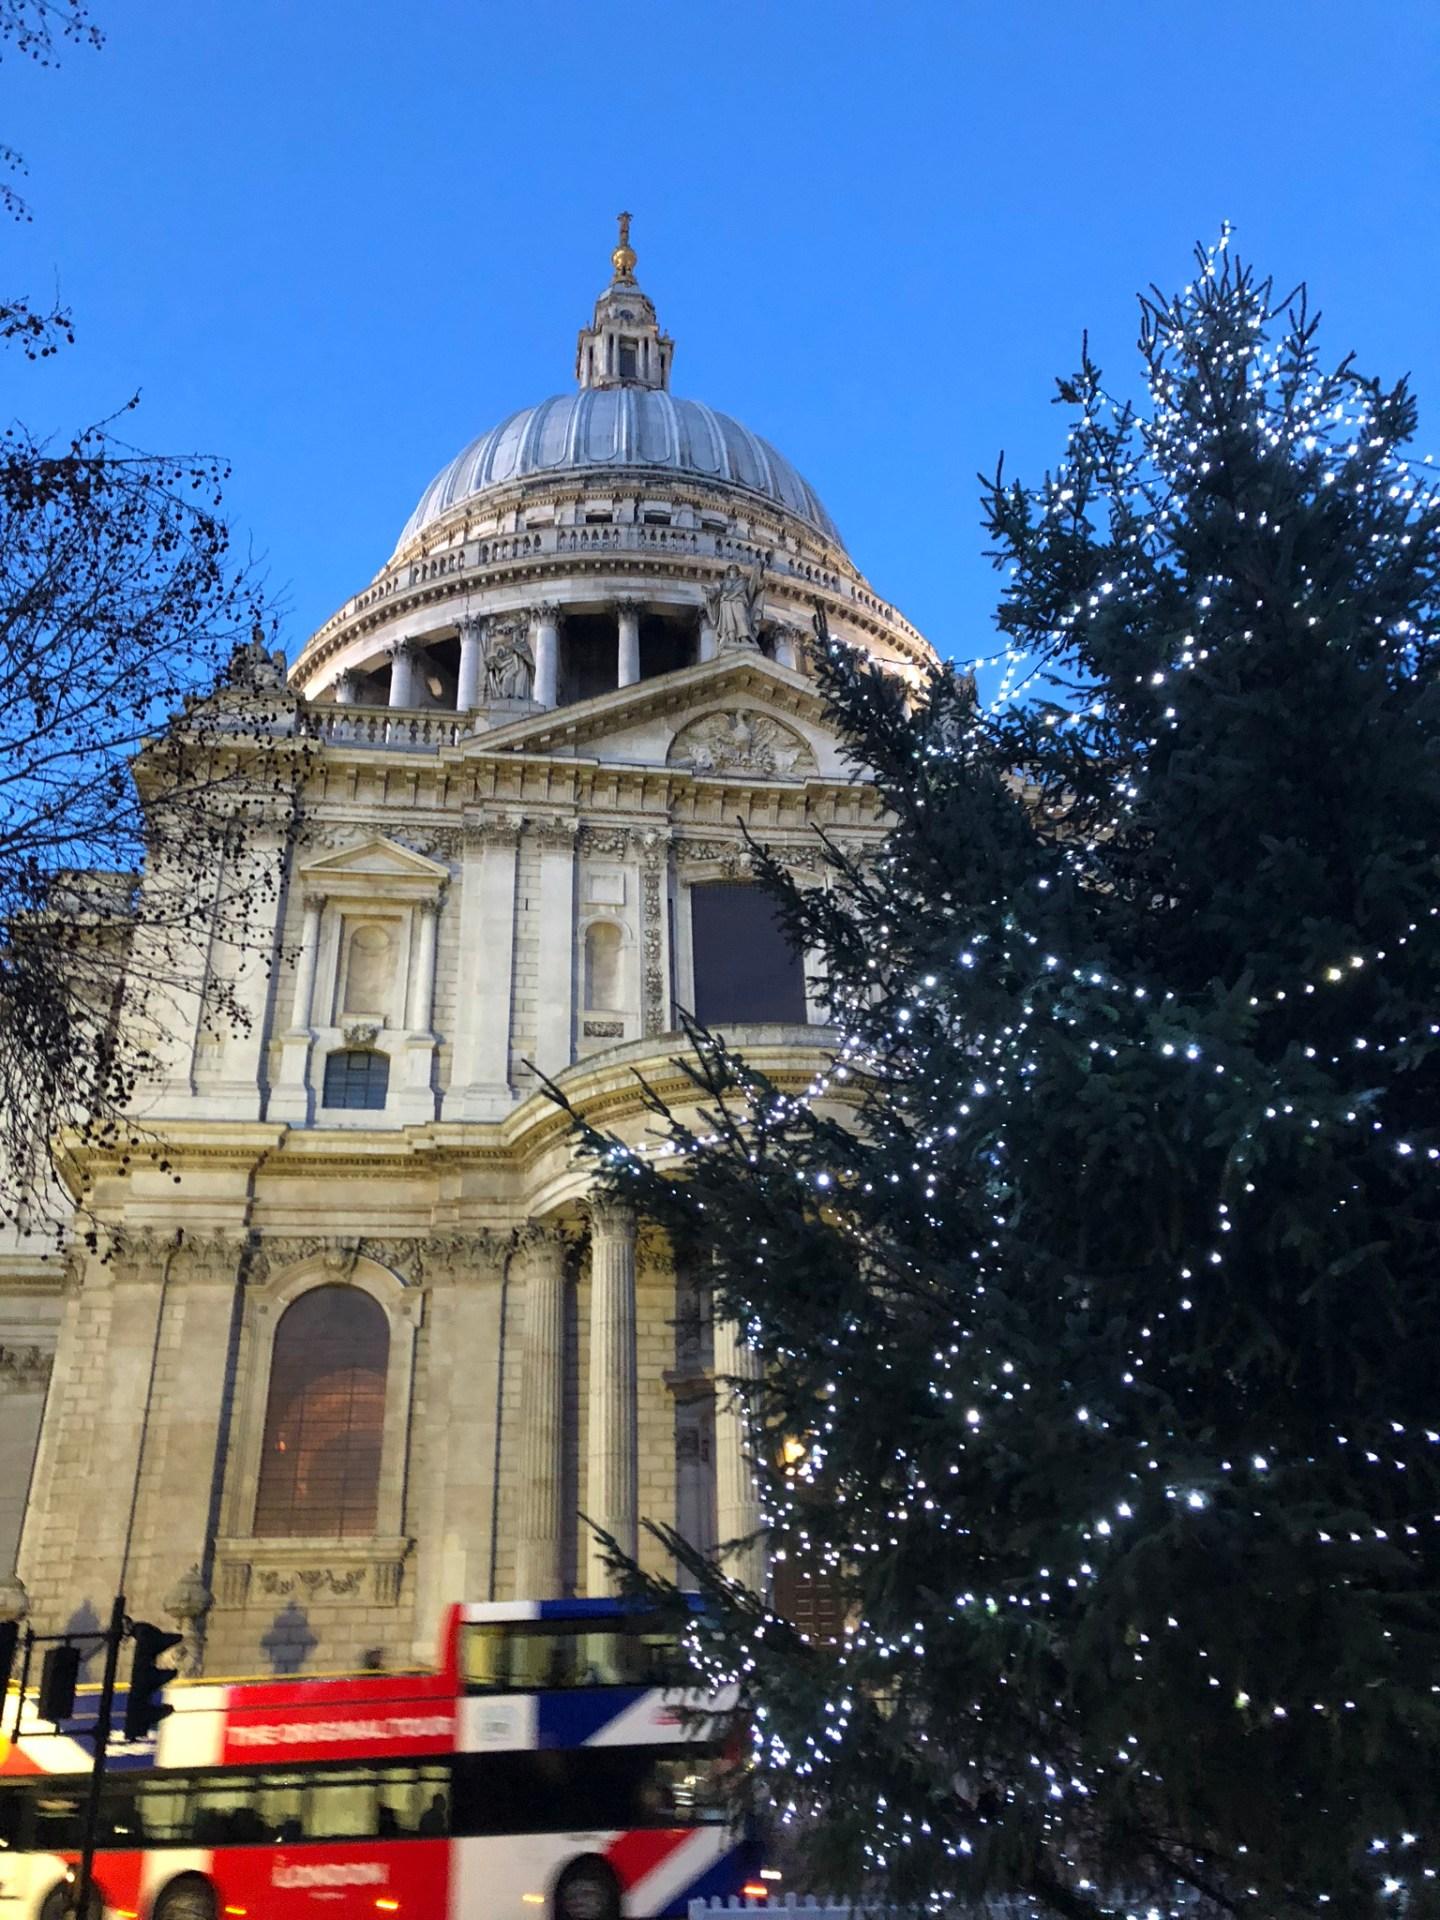 St Pauls Cathedral at Christmas, London